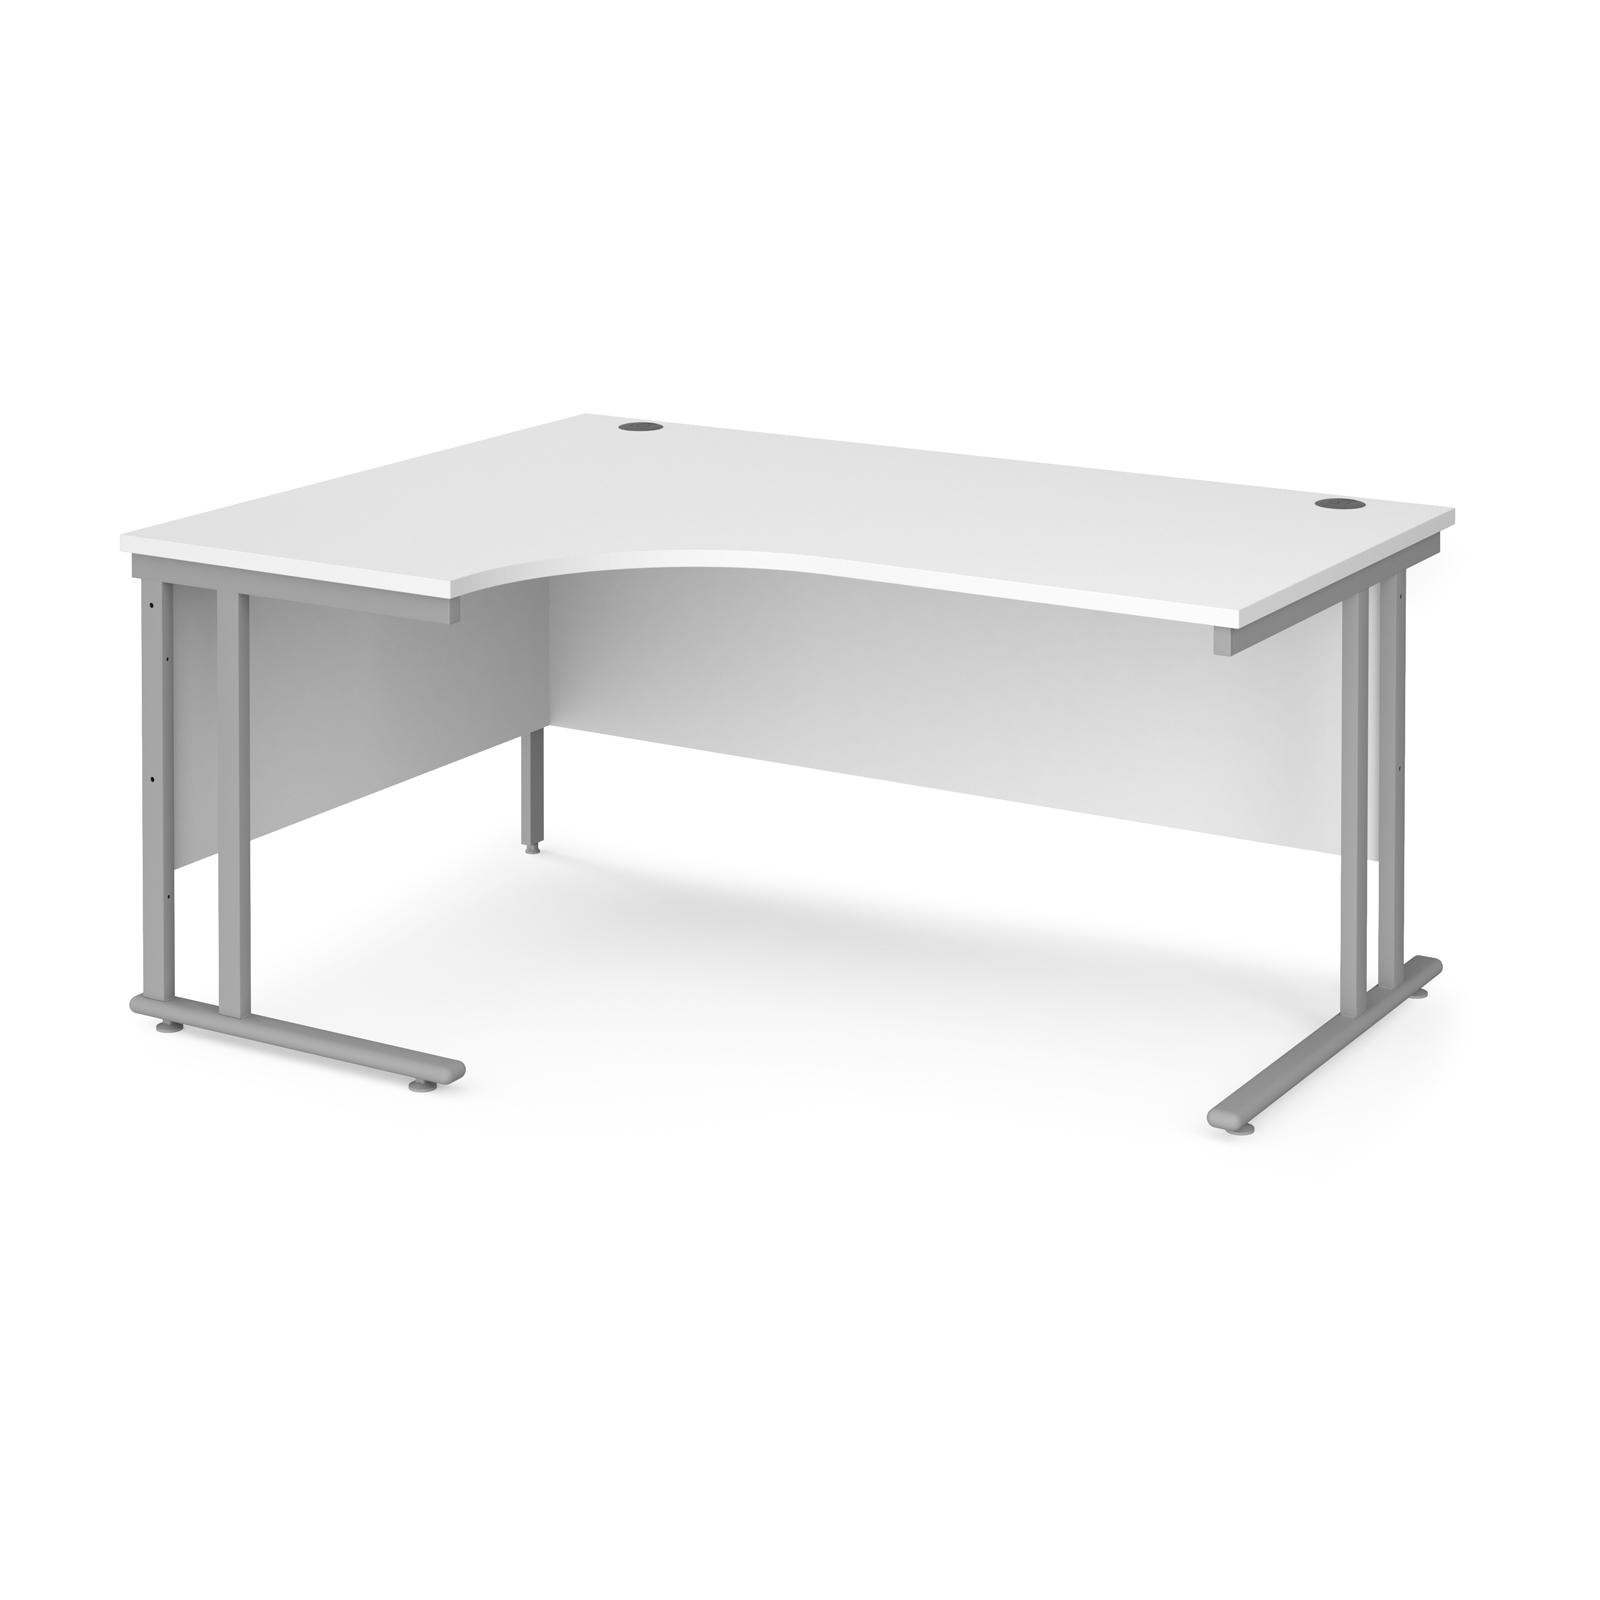 Maestro 25 left hand ergonomic desk 1600mm wide - silver cantilever leg frame, white top